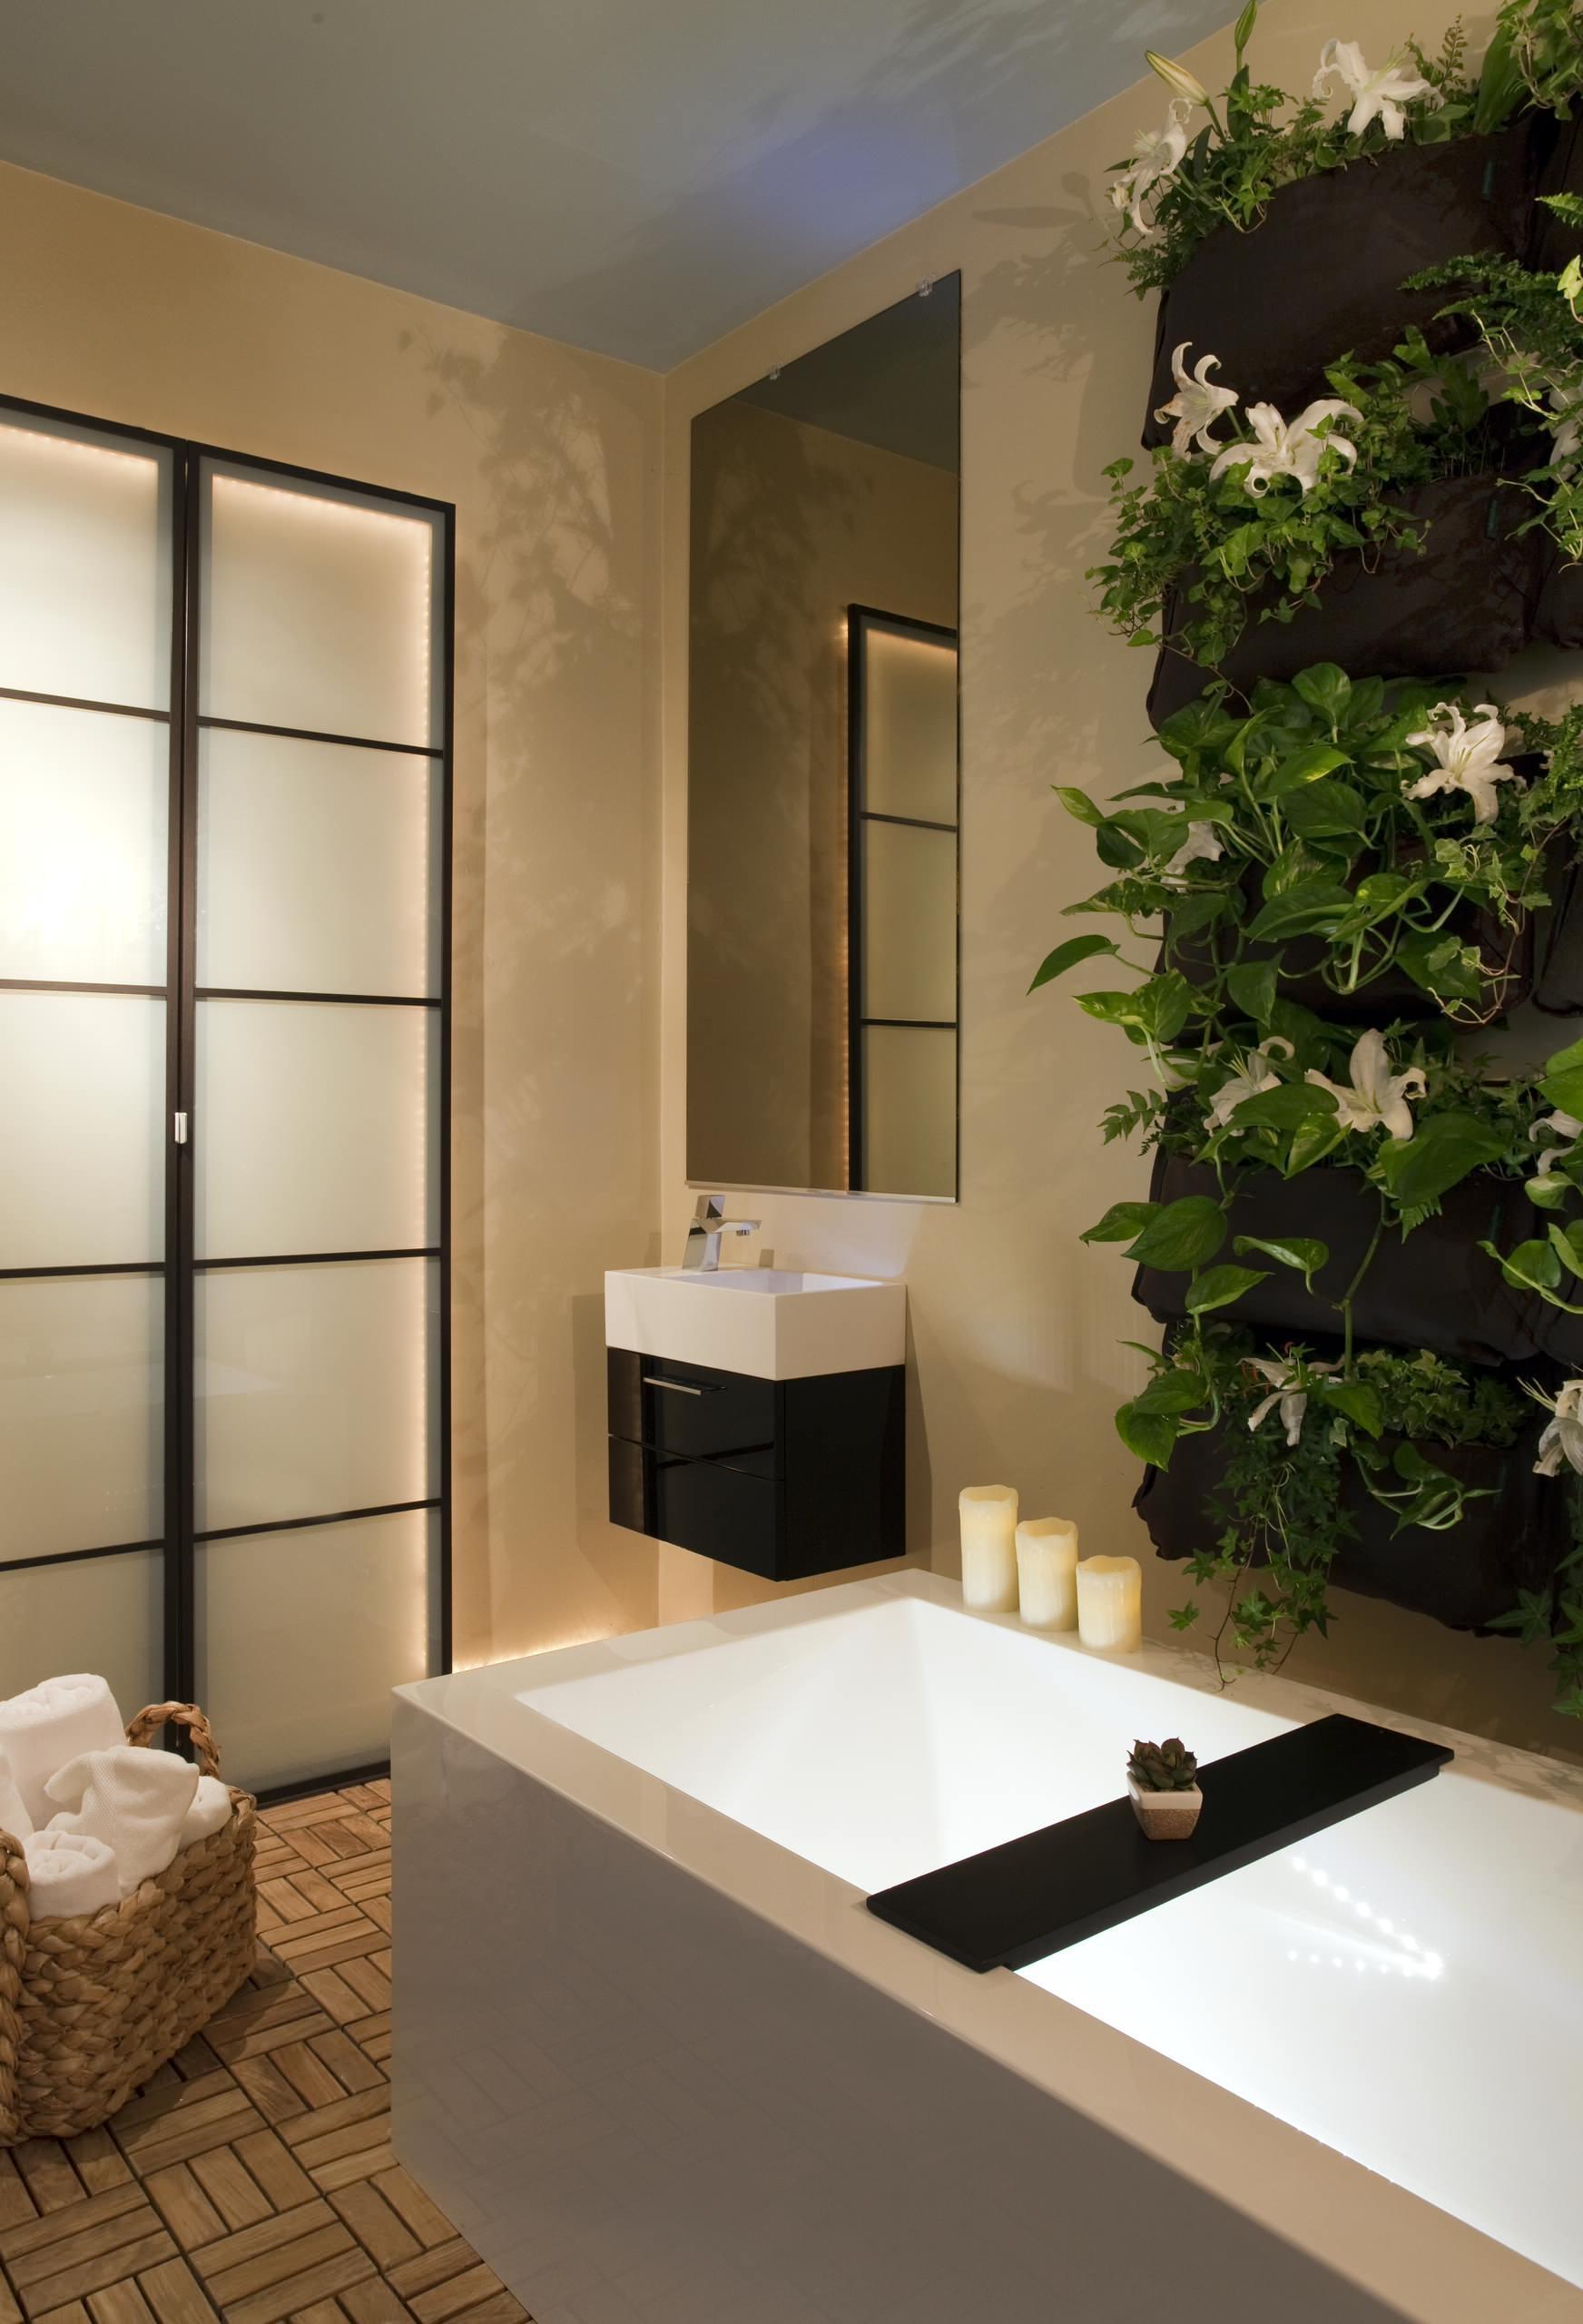 Ein kleines Bad zum Wellenesstempel: Voller Genuss und elitärem Lebensstil auf 8 m²